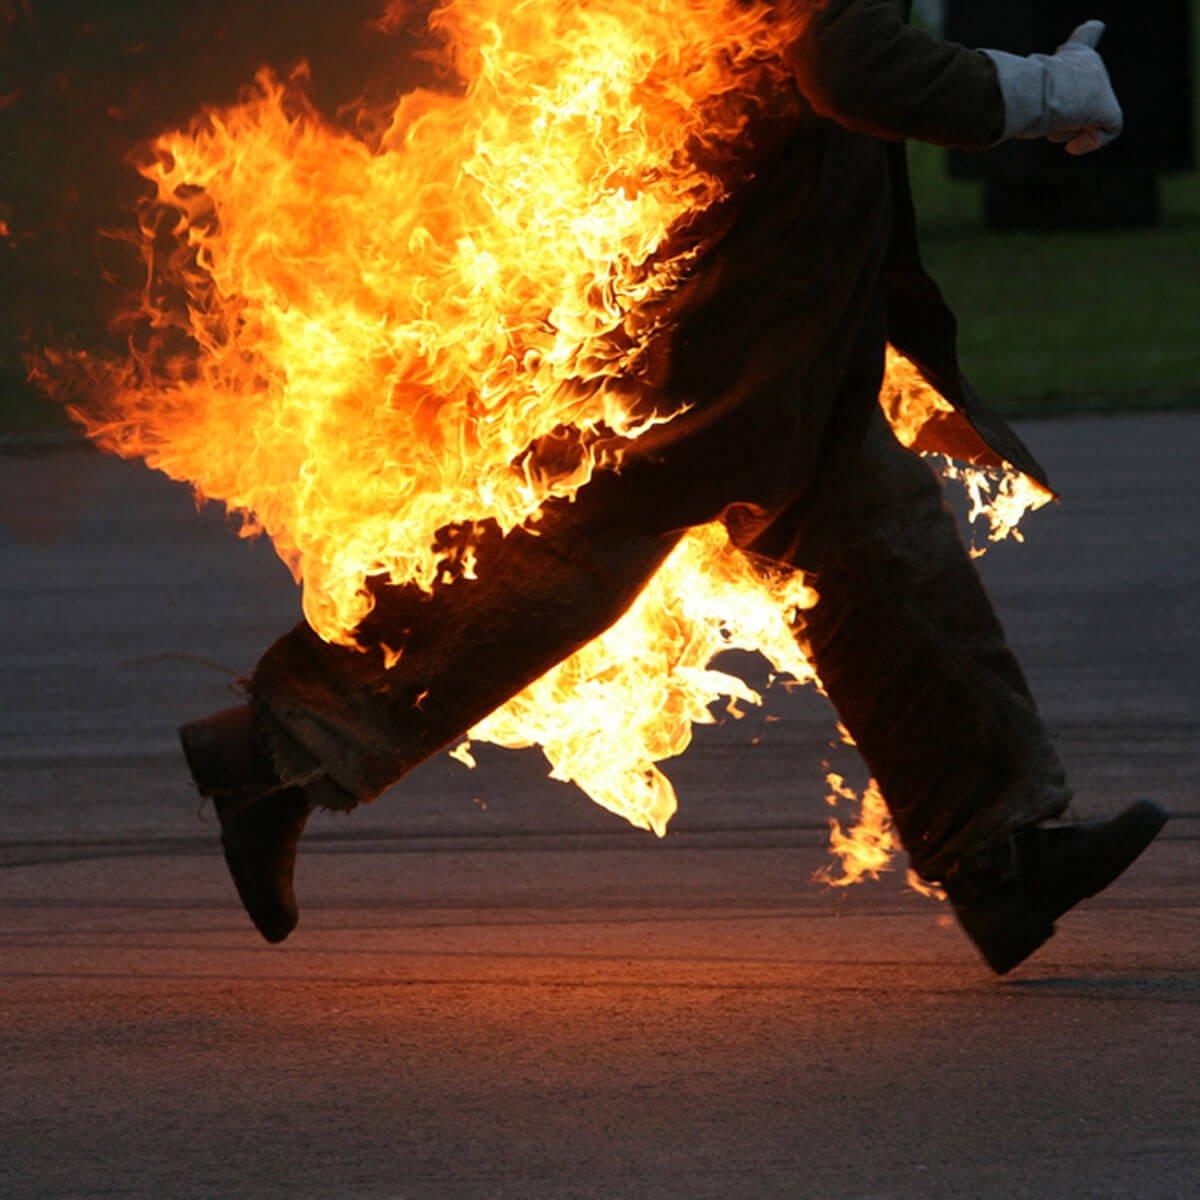 В Оренбургской области 2 человека погибли в природном пожаре